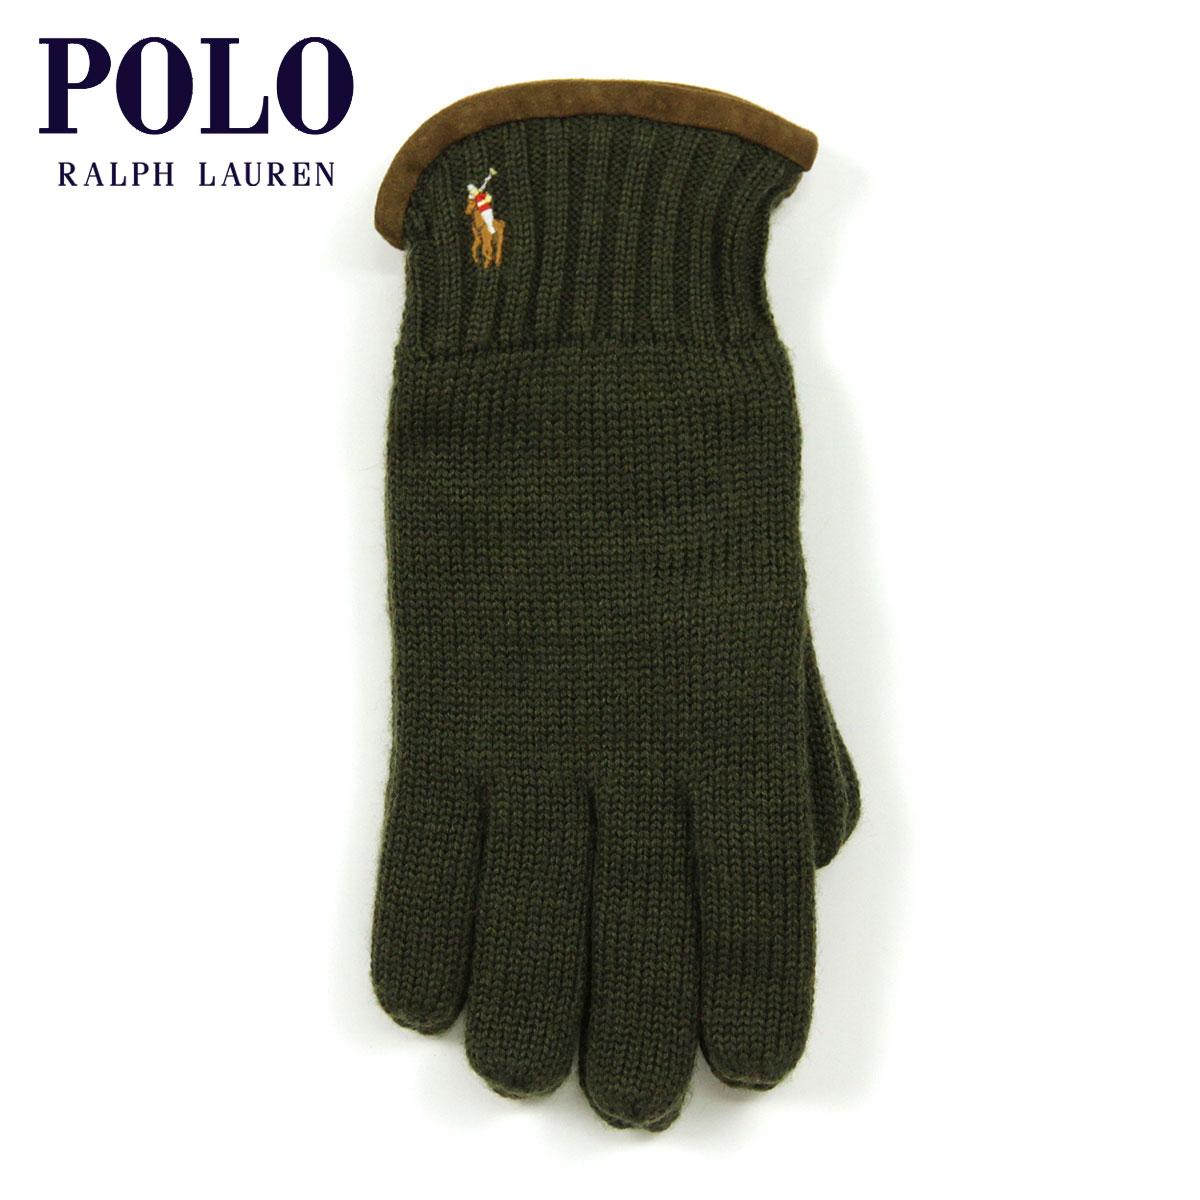 【販売期間 8/10 13:00~8/16 9:59】 ポロ ラルフローレン POLO RALPH LAUREN 正規品 手袋 Classic Merino Gloves OLIVE